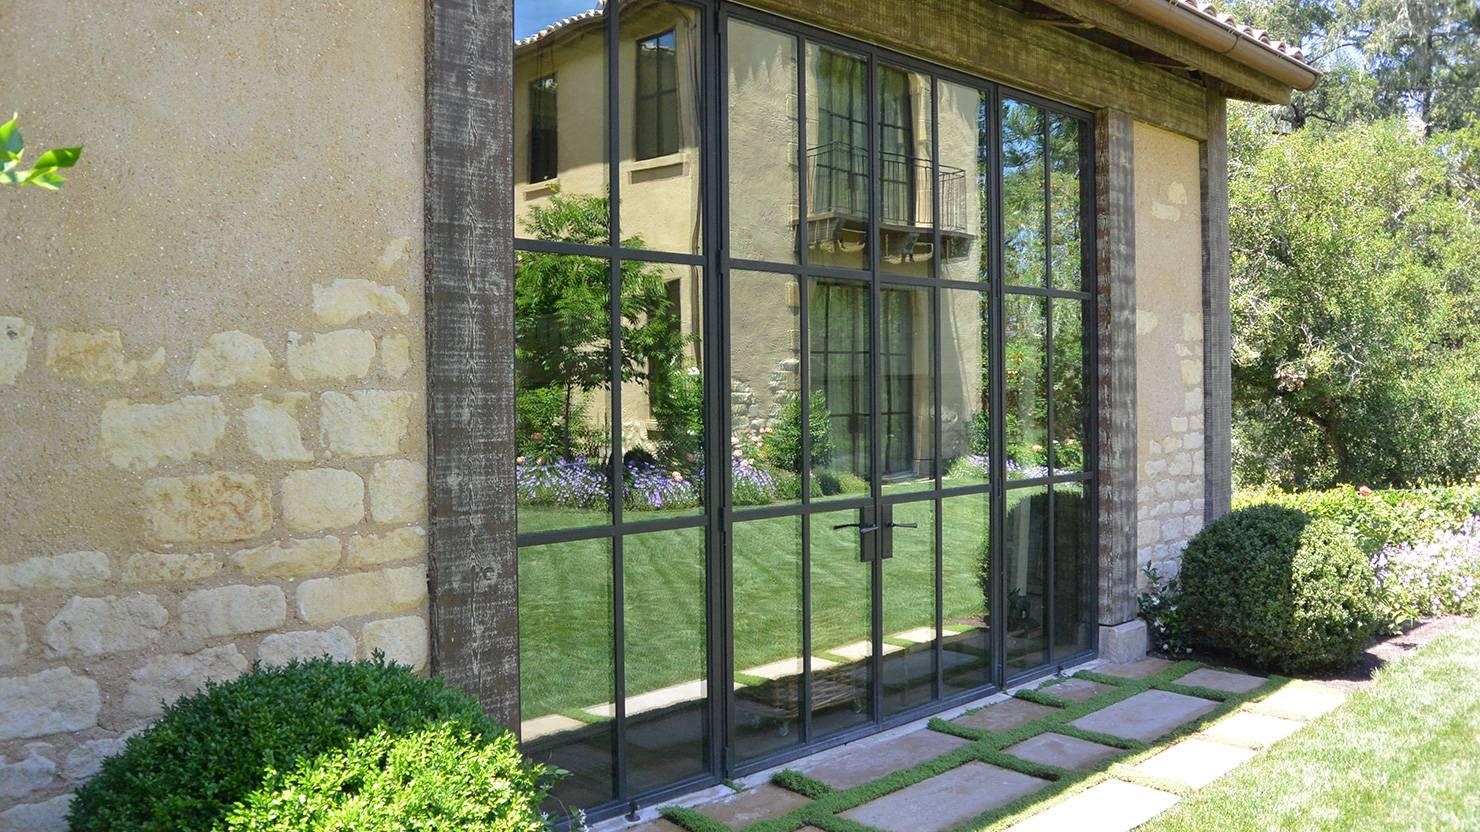 0S265-2-serramenti-facciata-acciaio-zincato-becker-gillam-and-kroeger-5_project_big